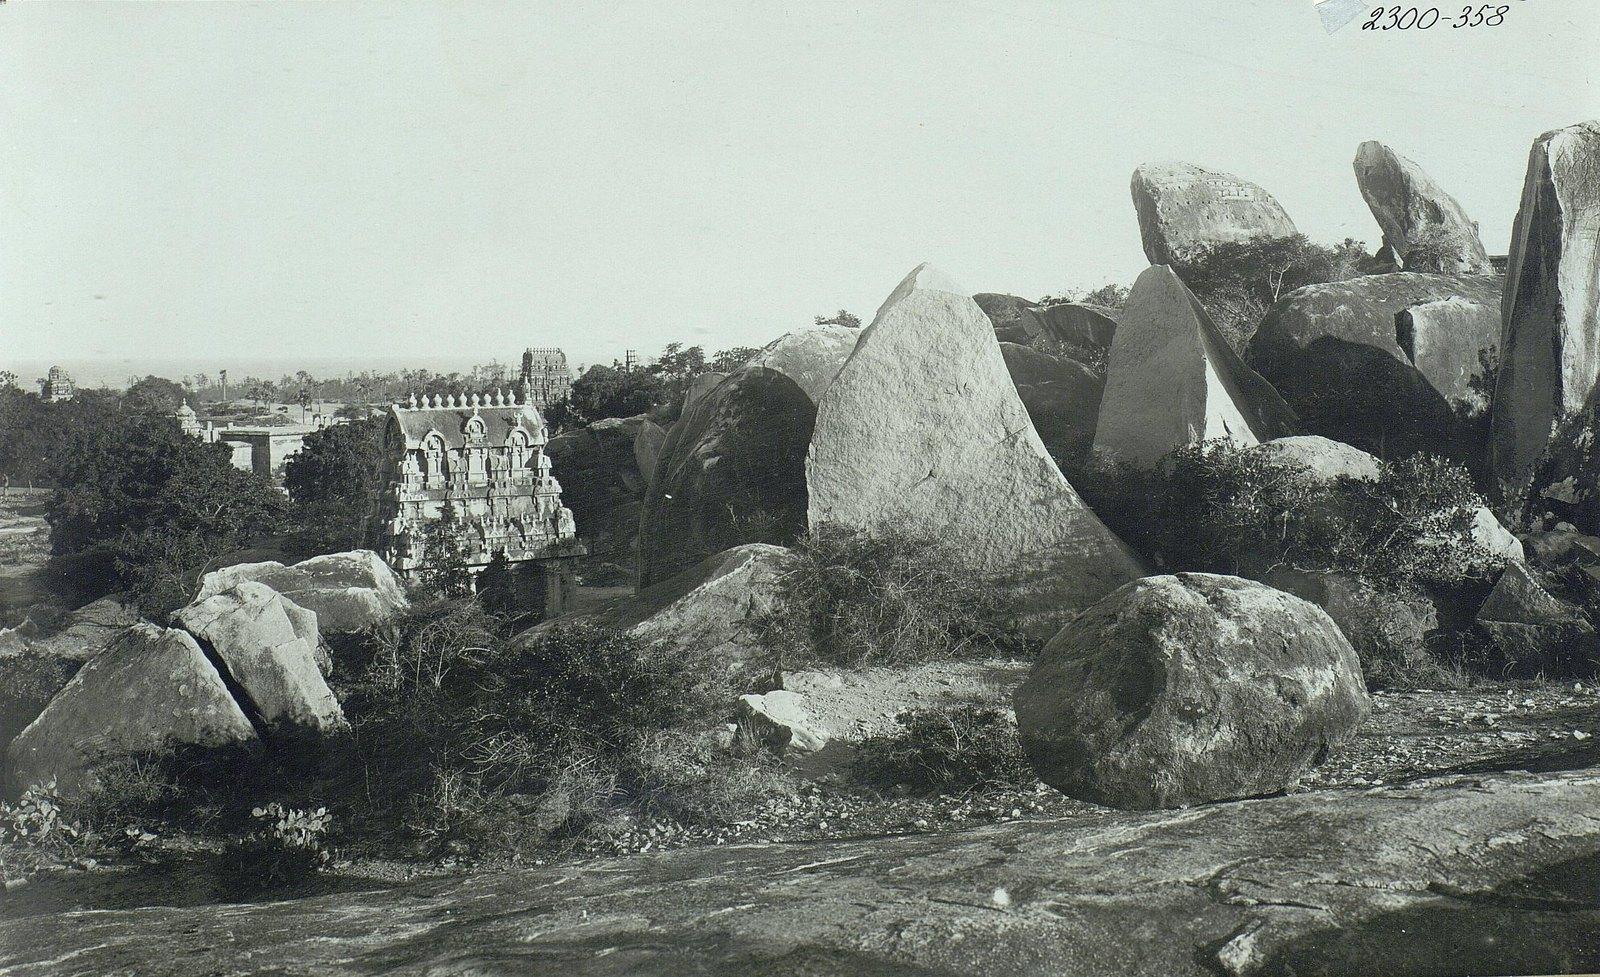 Мамаллапур (общий вид местности, в которой находятся храмы) (4)